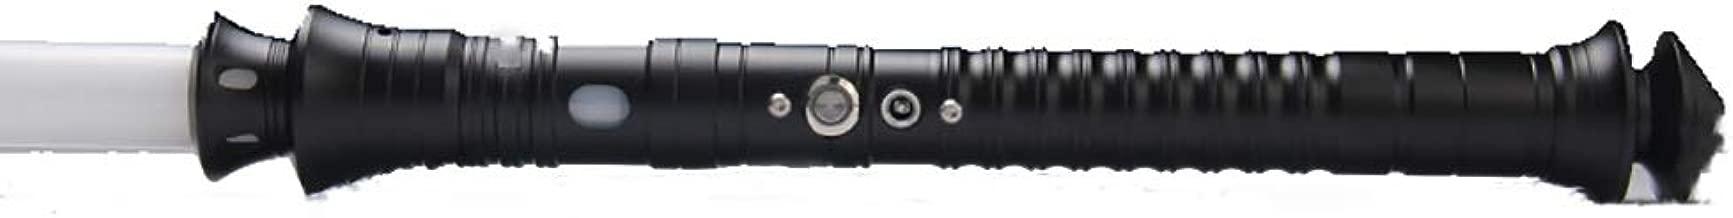 BoMan LED Light Saber Force FX Lightsaber con Sonido y luz Metal Hilt Wars Sword Toy Realistic Light y Blaster Sound, Regalo para niños y Adultos